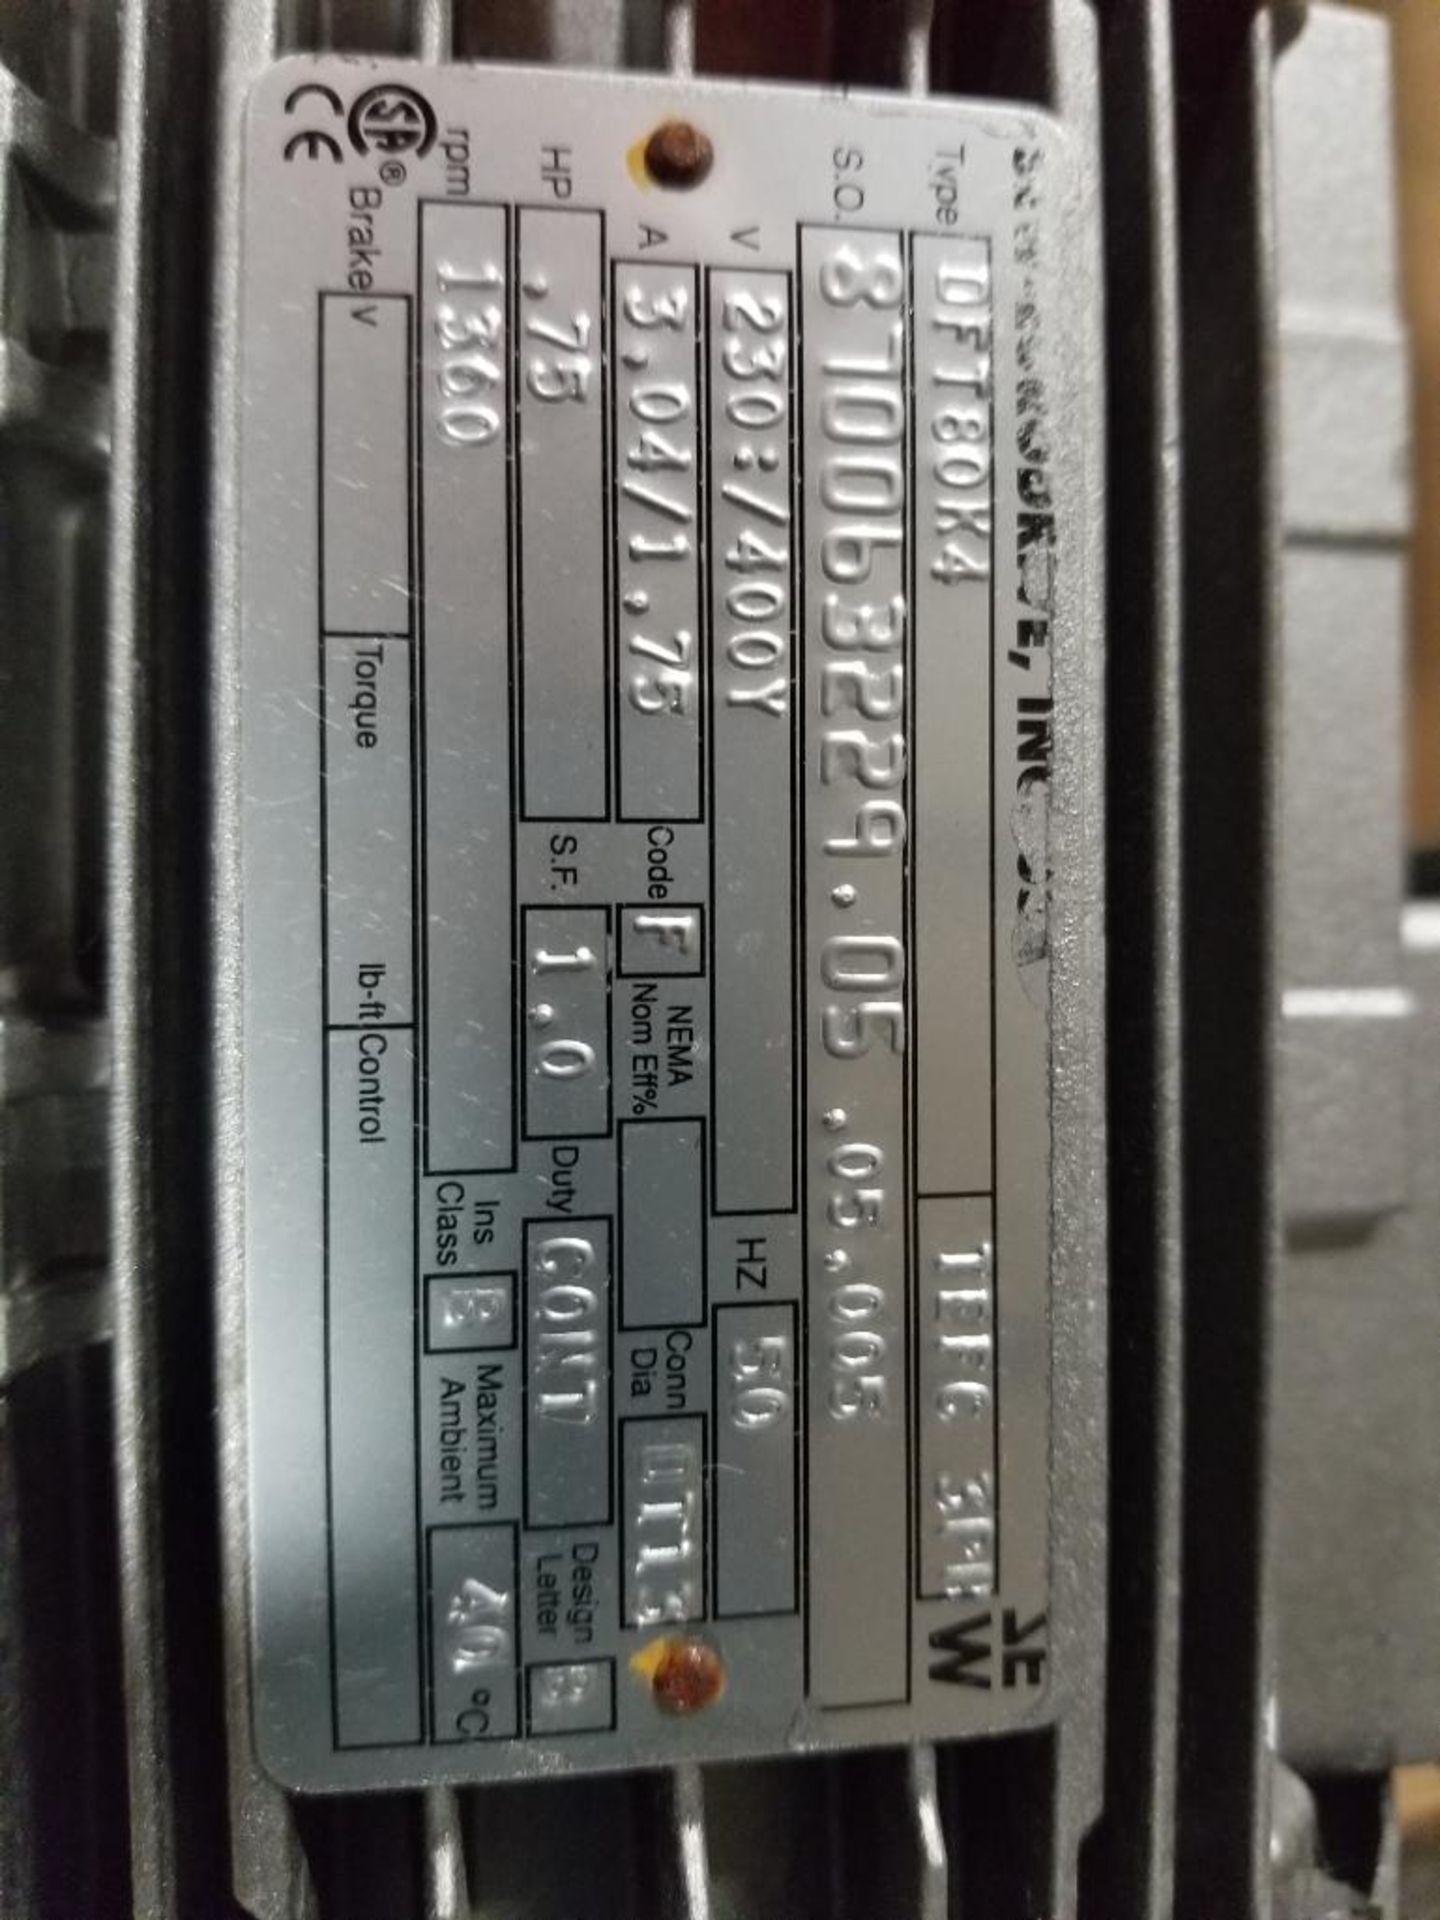 .75HP Sew-Eurodrive DFT80K4 motor. 230/400V, 1360RPM. - Image 2 of 3